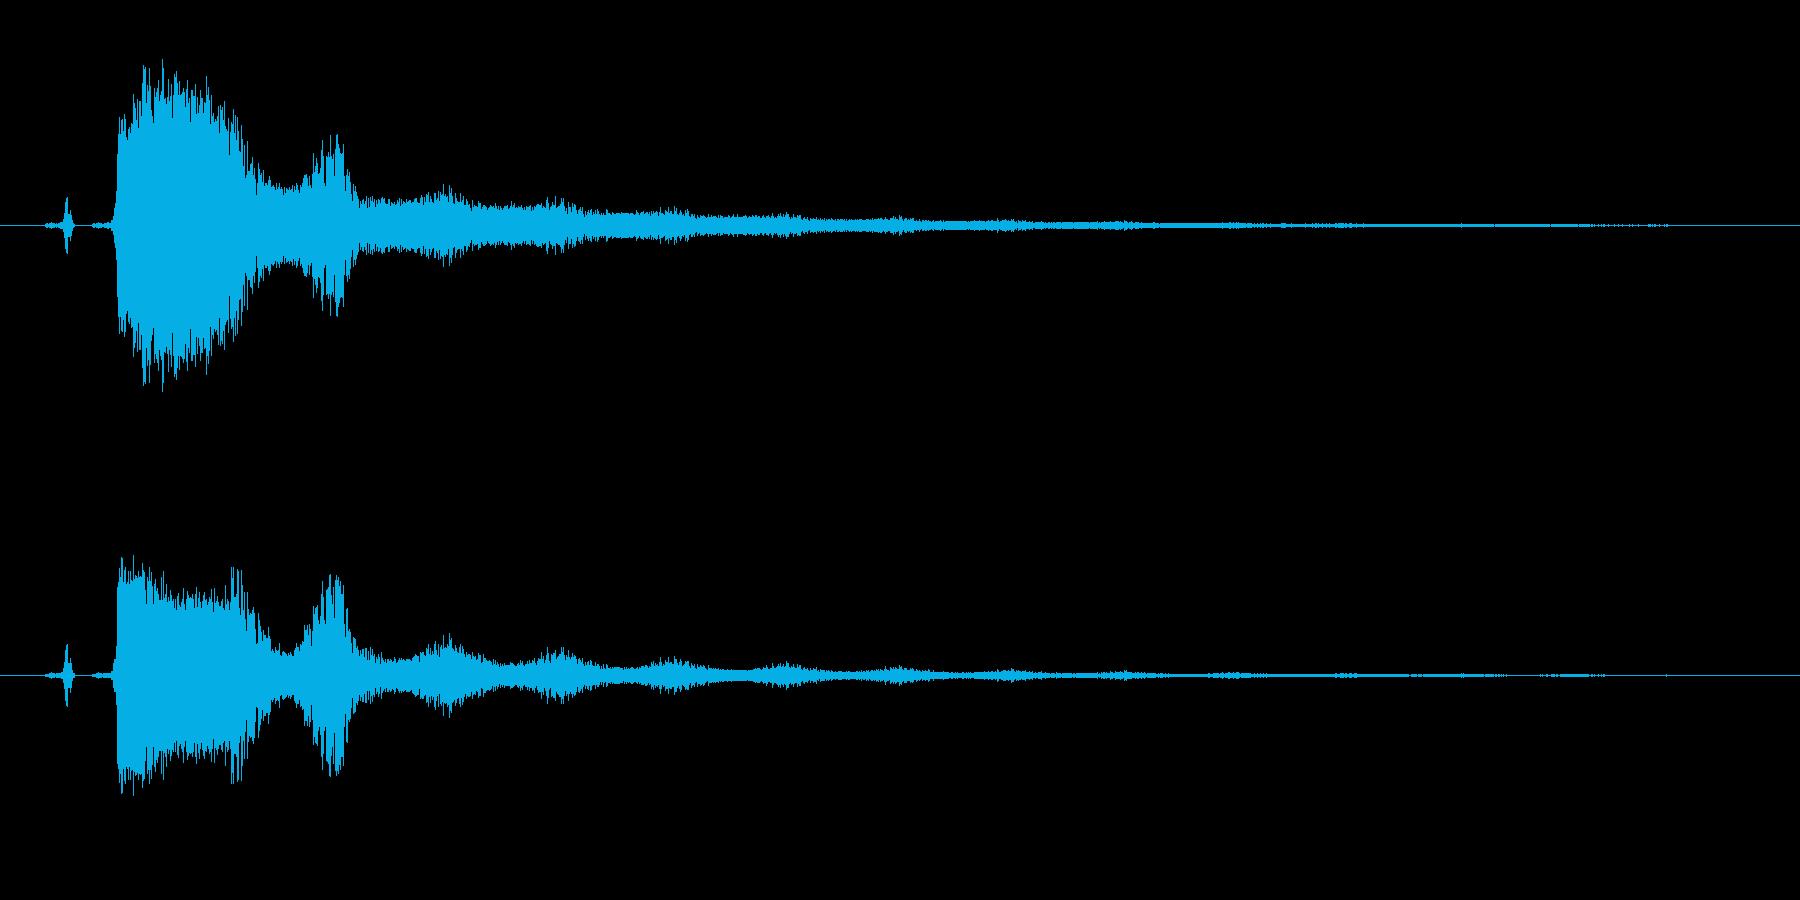 消える、消去、とんずら、ボタン音の再生済みの波形